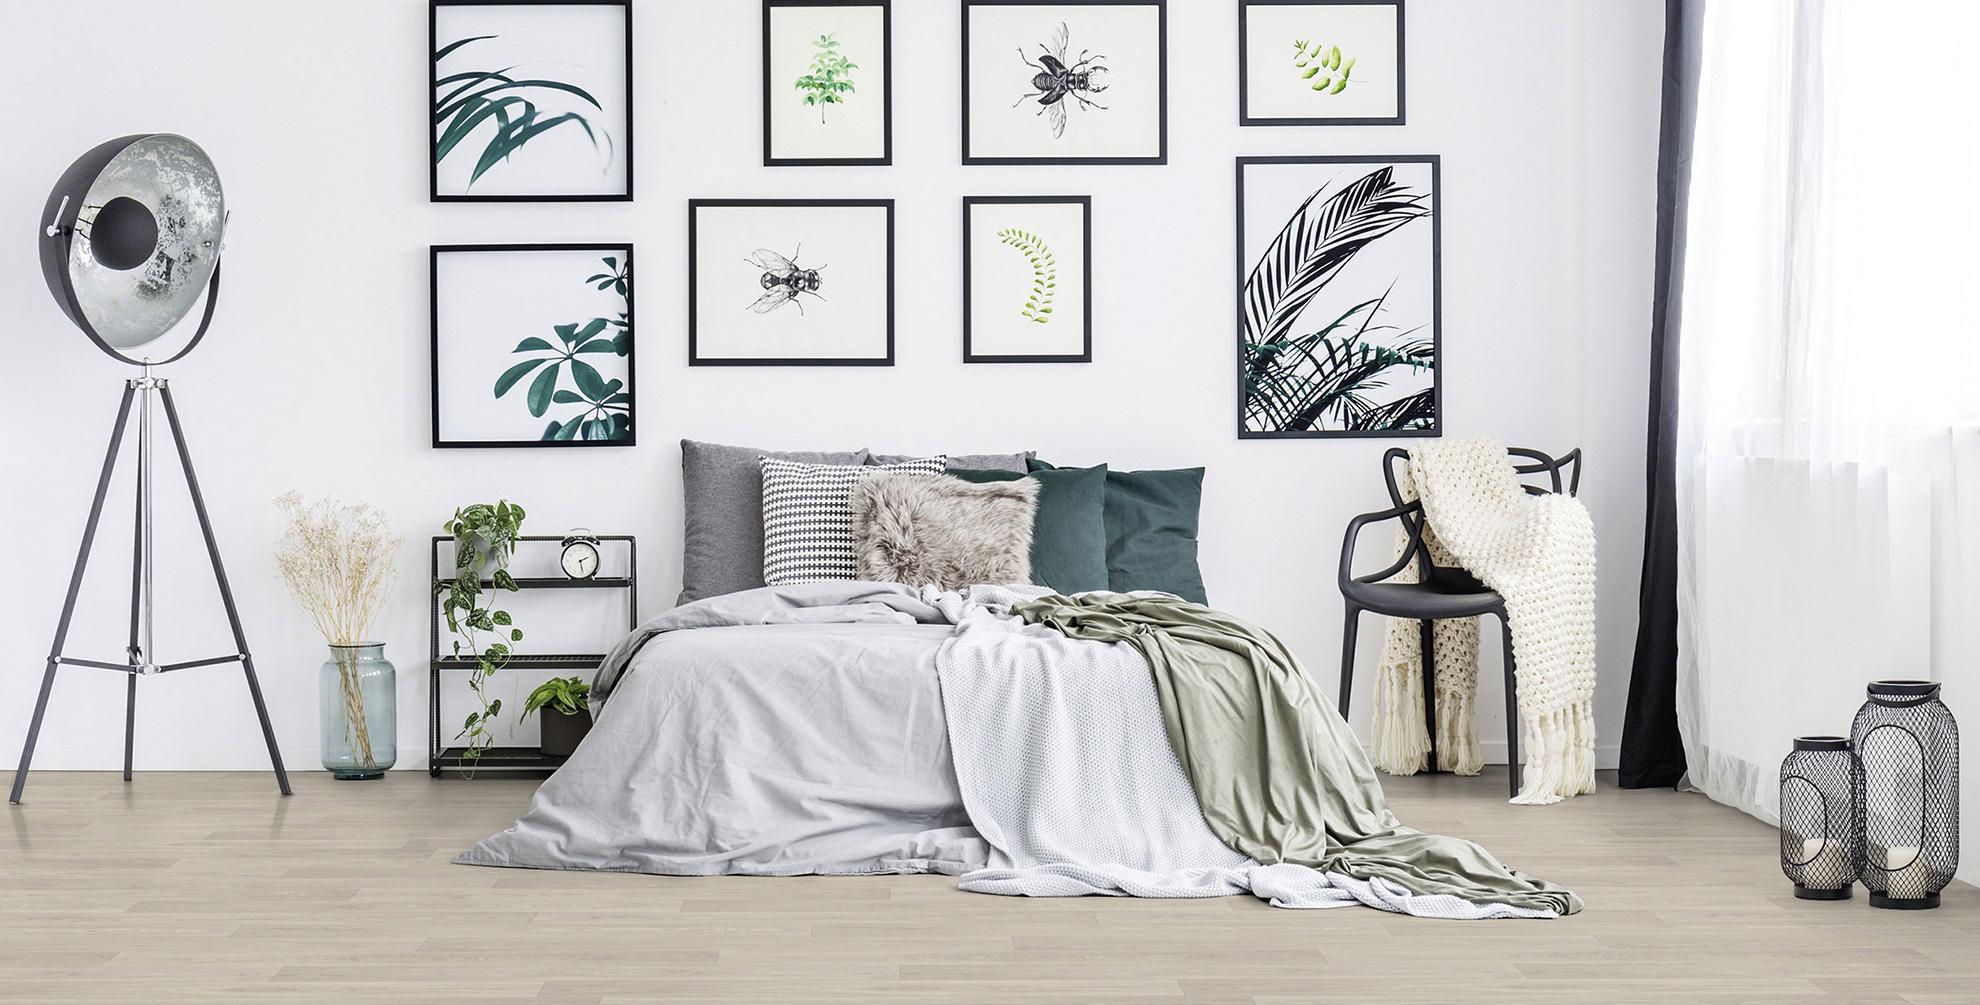 Koele pastels zijn 'cool' met vloeren